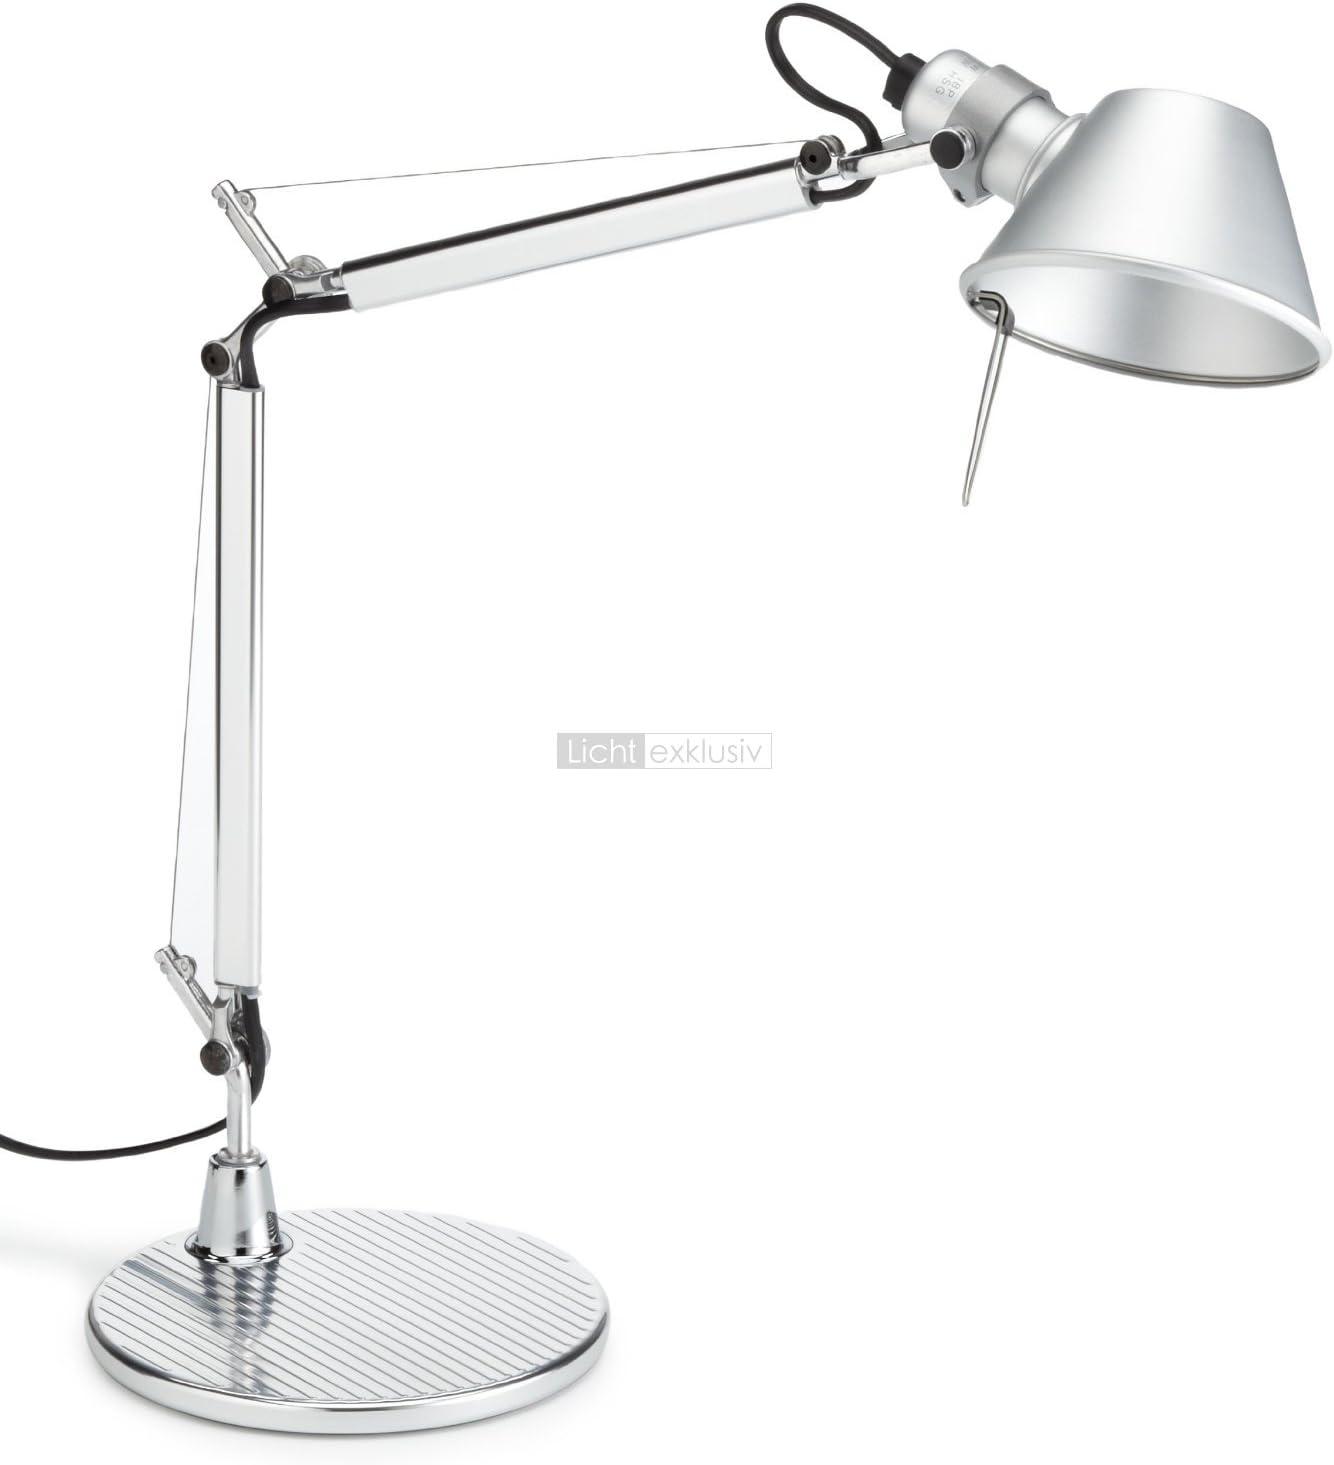 Artemide Tolomeo Micro Lampara Led De Escritorio Aluminio Acero Con Regulador De Intensidad Con Pie Para Escritorio Amazon It Illuminazione